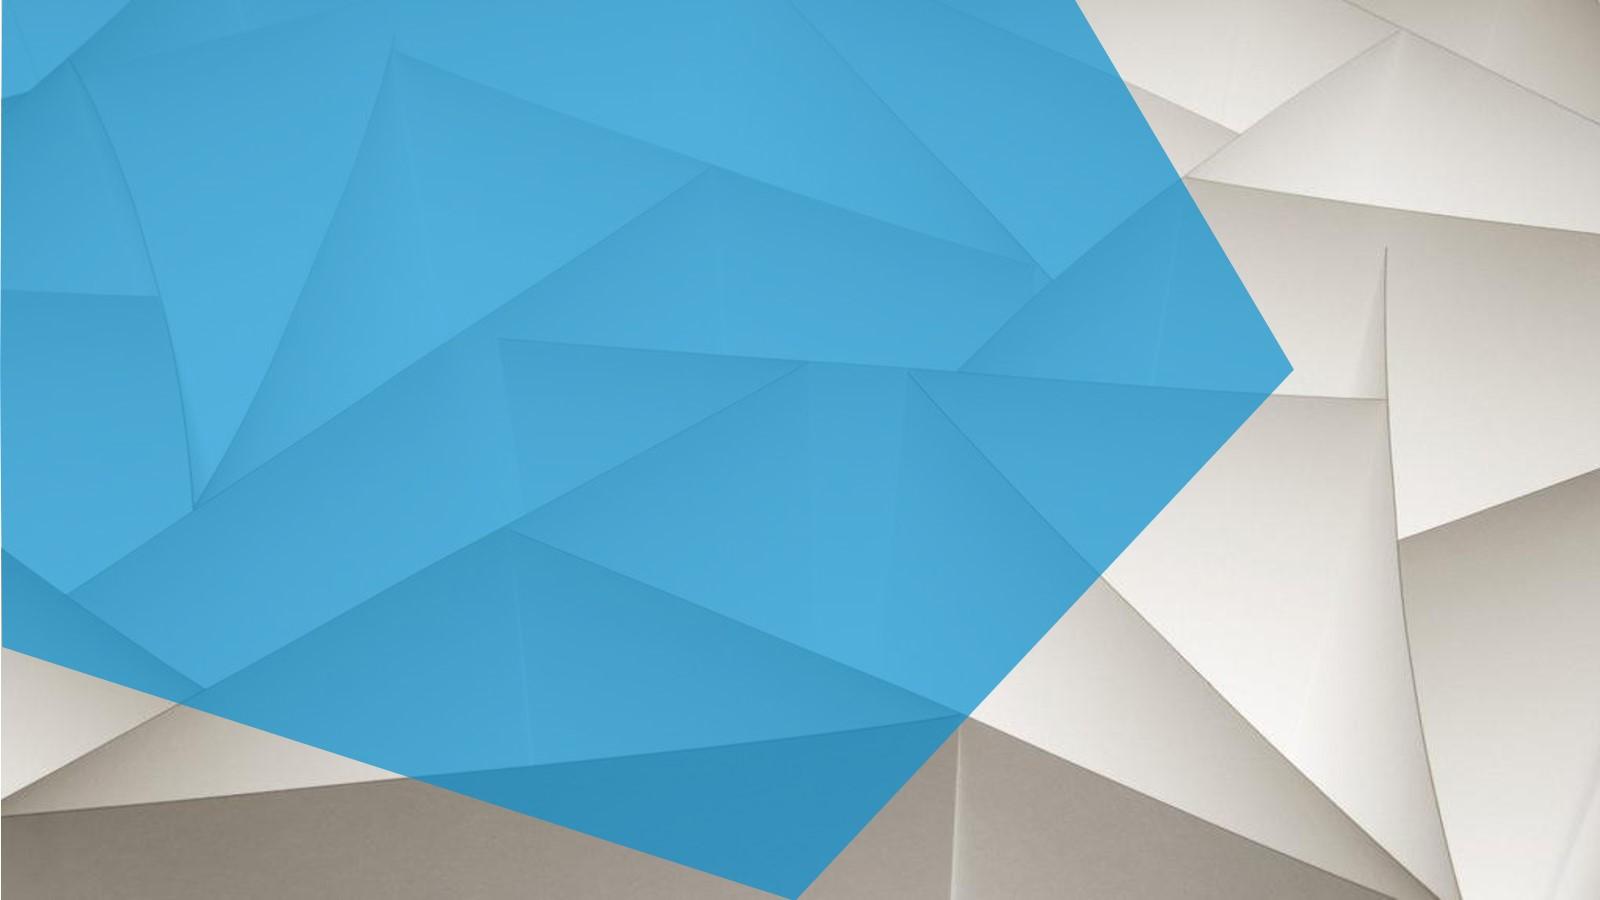 艺术多边形PPT背景图片